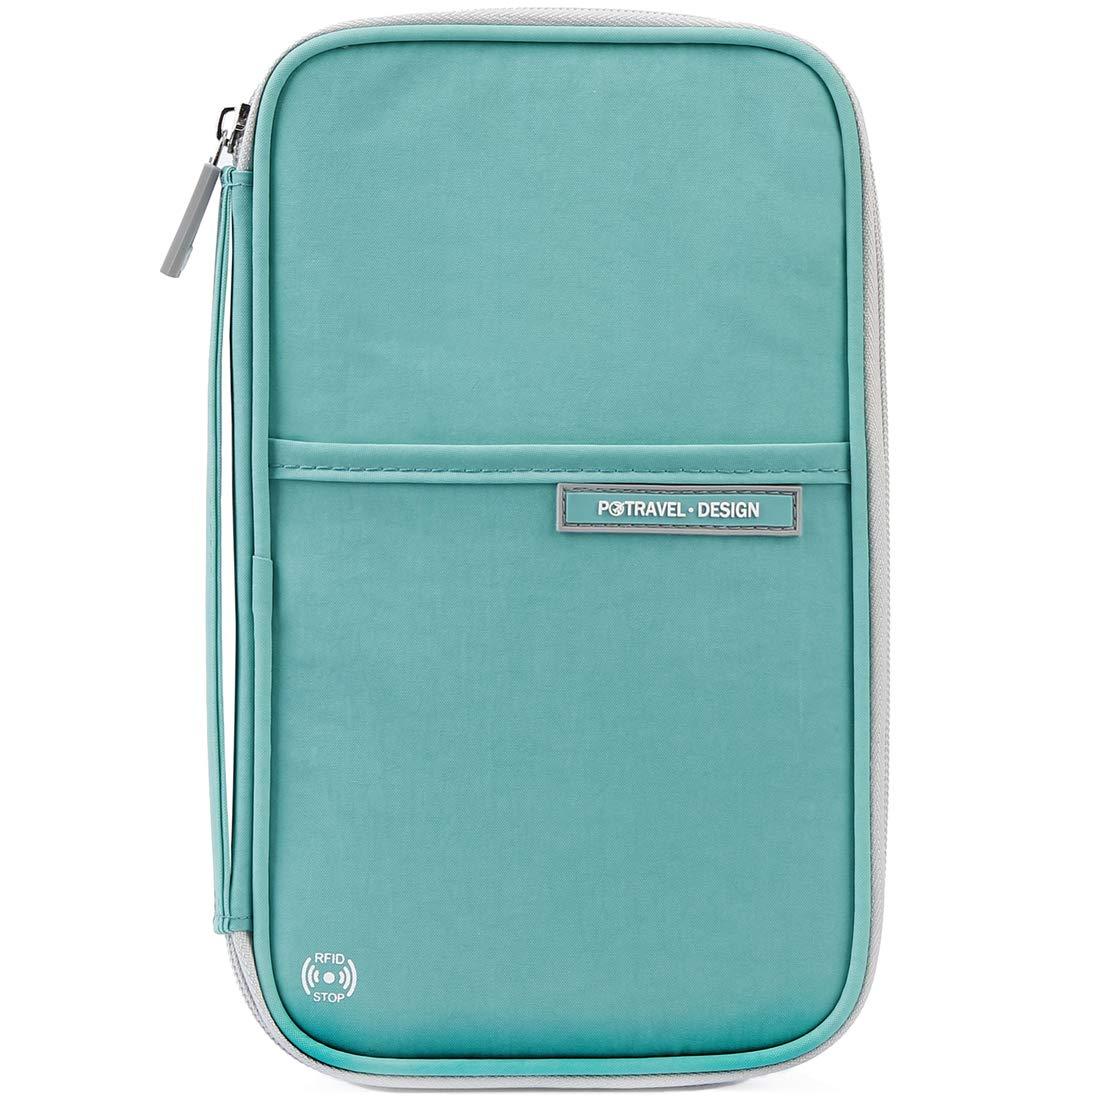 VanFn Passport Wallets, Travel Wallet, RFID Family Passport Holder, Trip Document Organizer (Green)